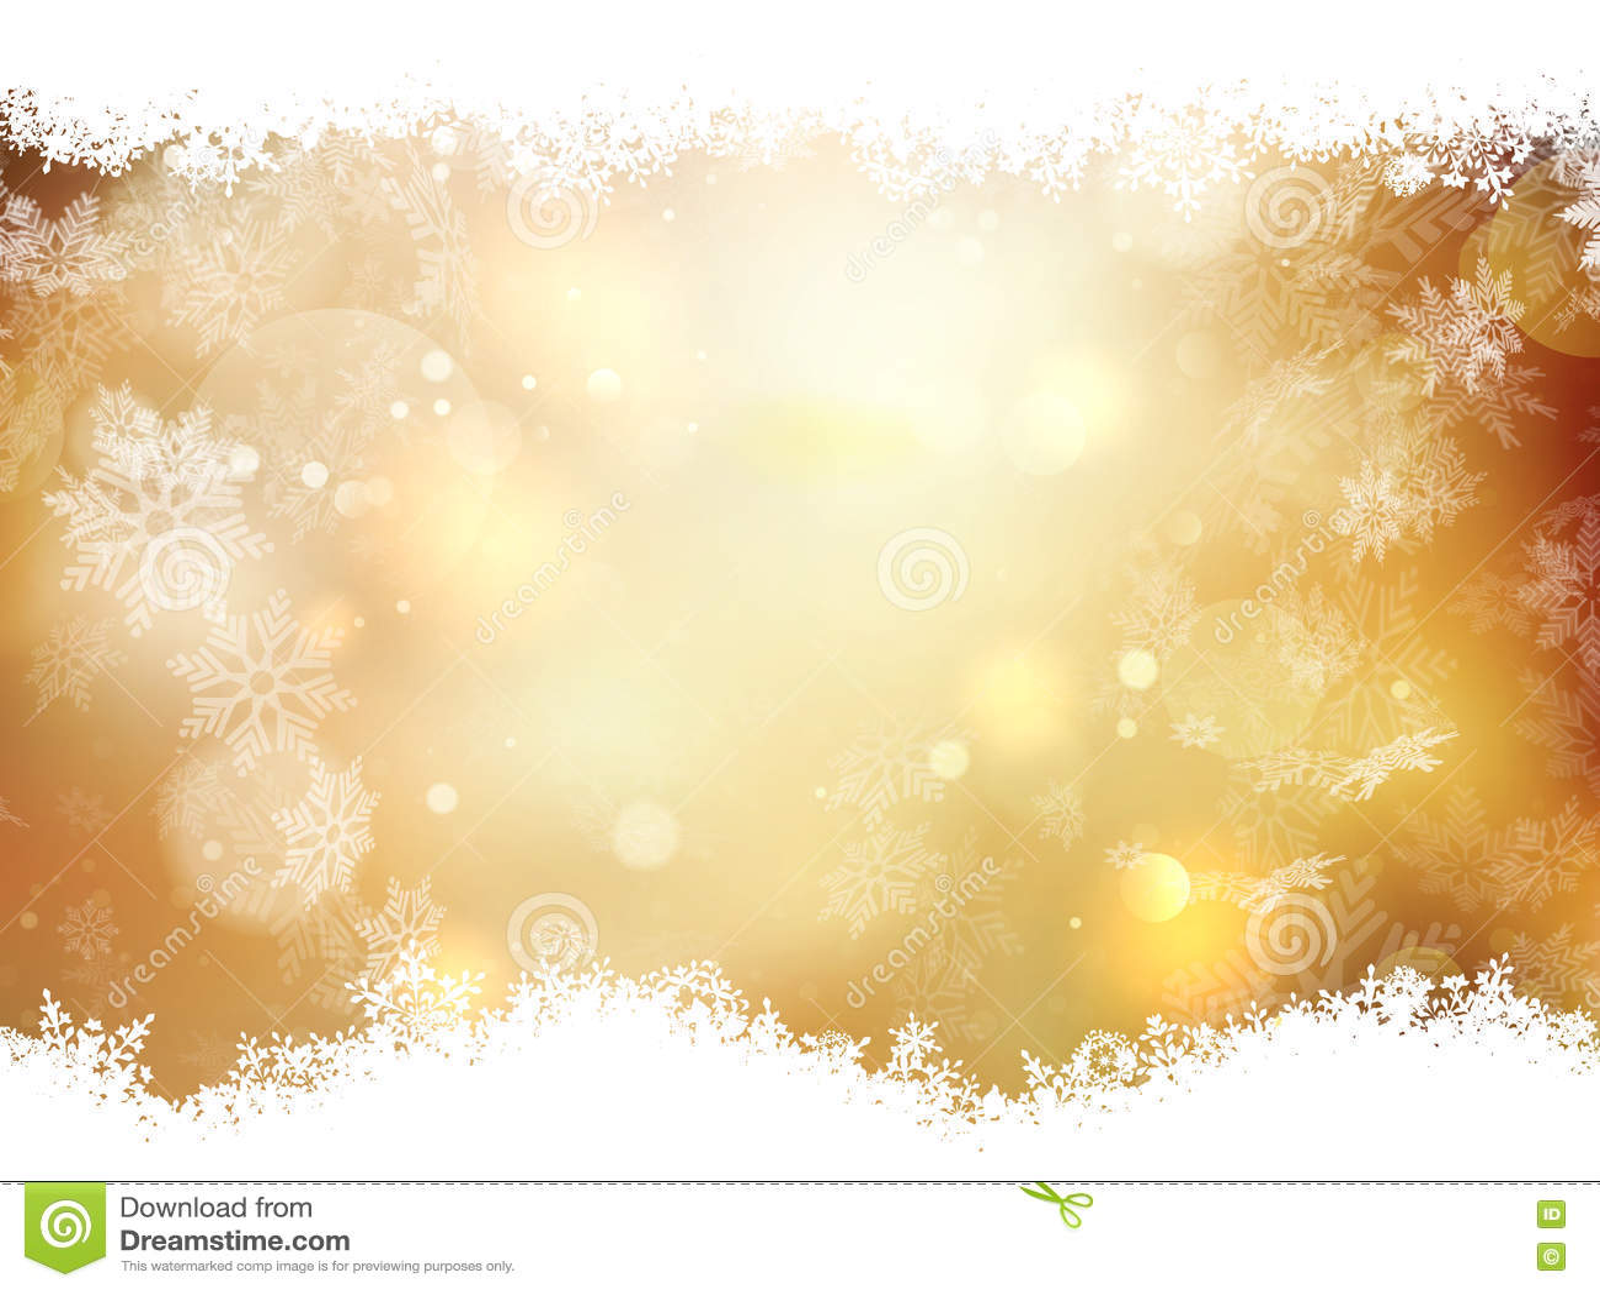 Ilustración de la Navidad background EPS 10